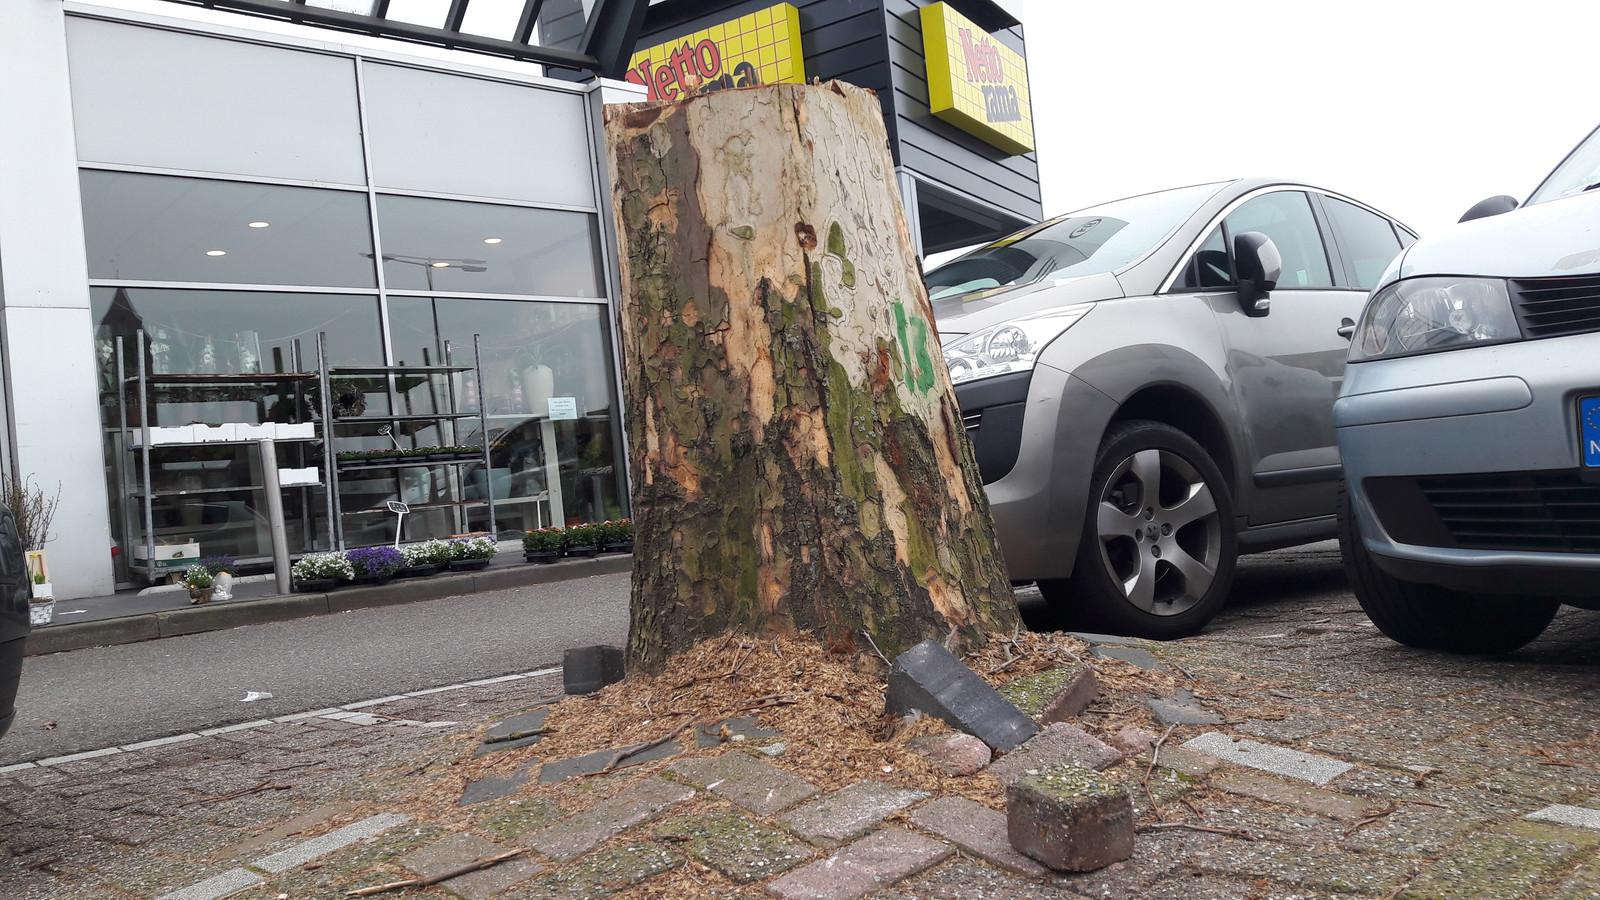 De ernstige wortelopdruk door de bomen op de parking bij de Nettorama in Bergen op Zoom hebben geleid tot pijnlijke struikelpartijen. Na de kap en verwijdering van de stronken, worden alle parkeervakken herbestraat.